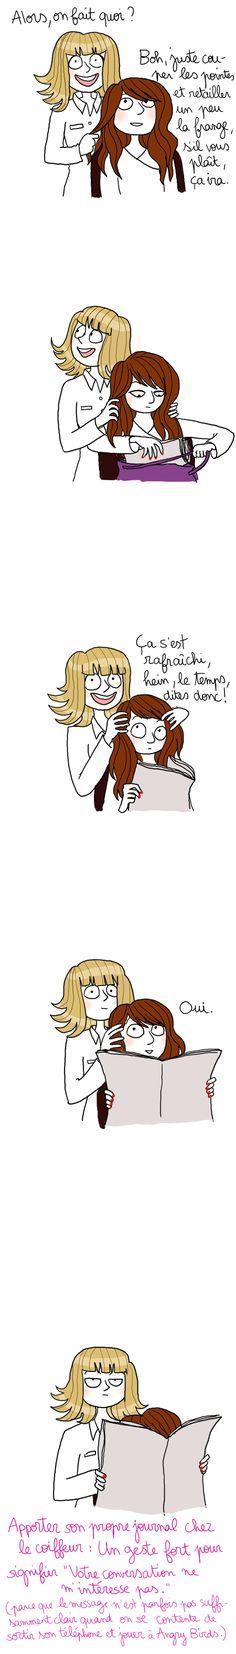 quelque chose que l'on peut redouter chez le coiffeur !!!!! :D